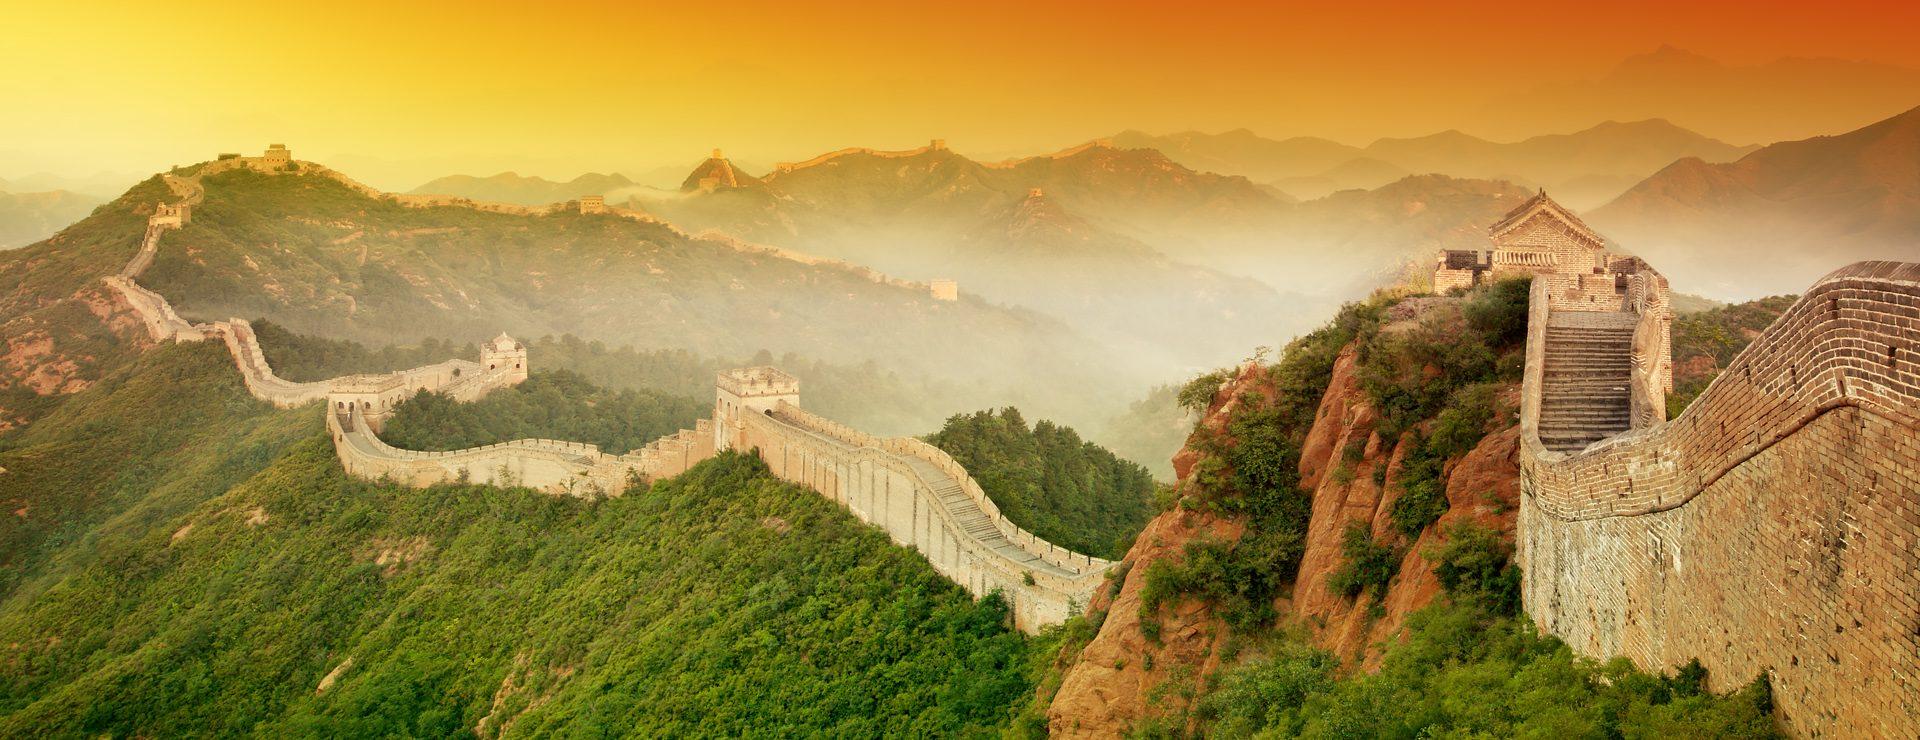 Kinesiska muren, norr om Peking